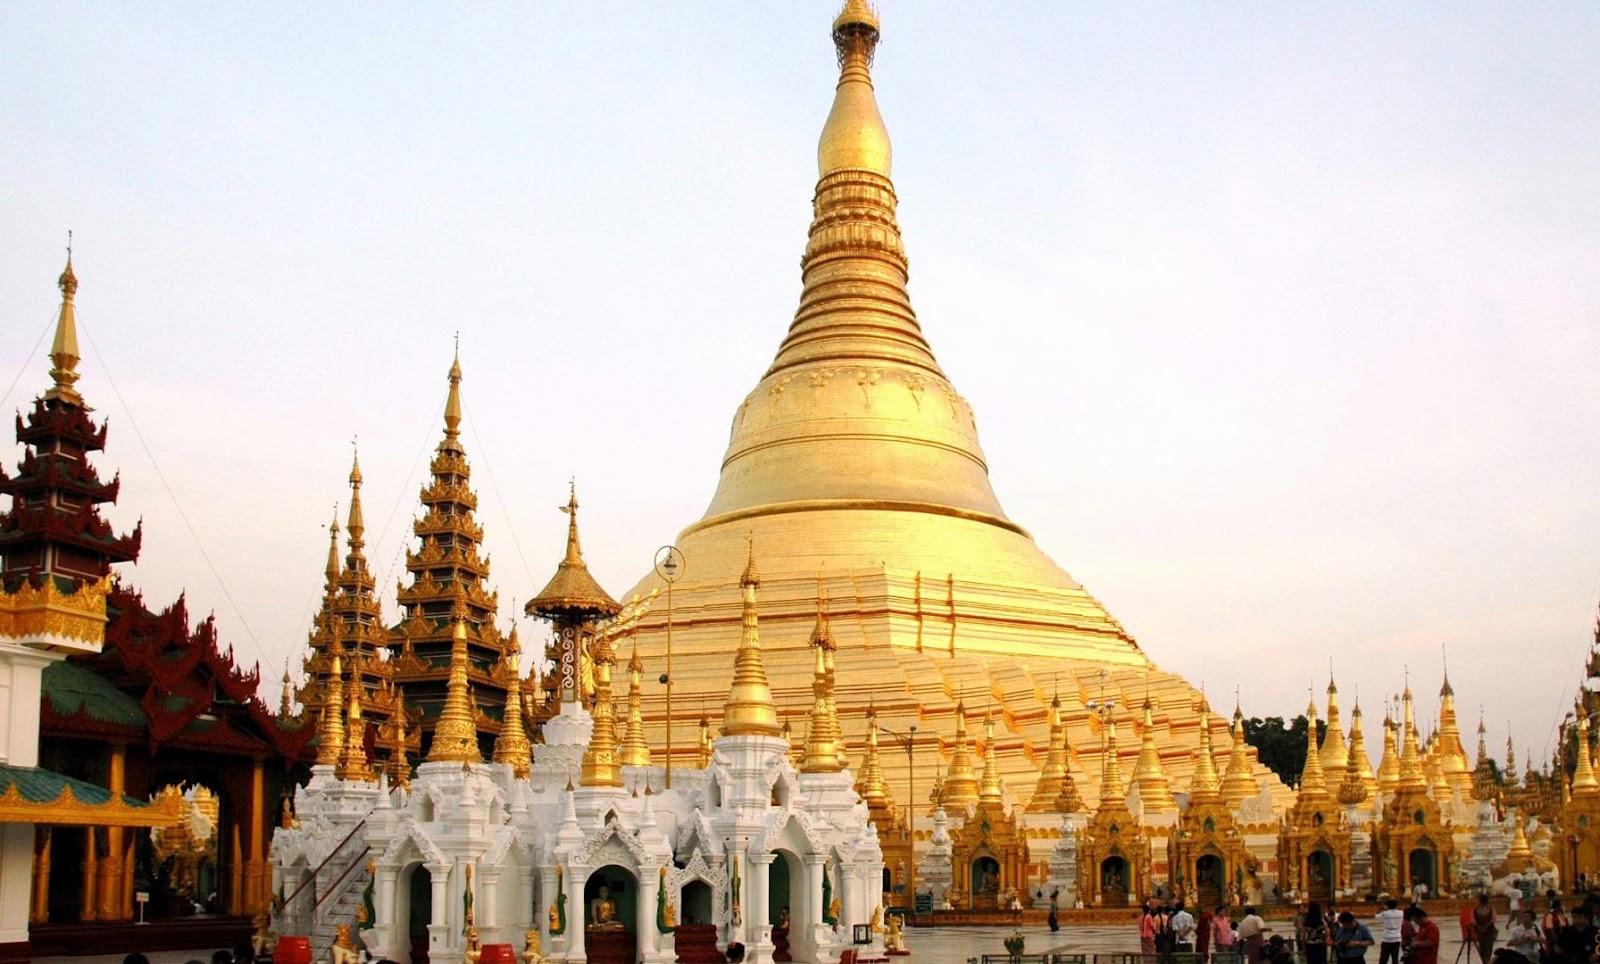 http://2.bp.blogspot.com/-FYK7qPHGPe4/T4cHnI3r9JI/AAAAAAAAAfs/mAt0Ji8gSGU/s1600/shwedagon_pagoda.jpg